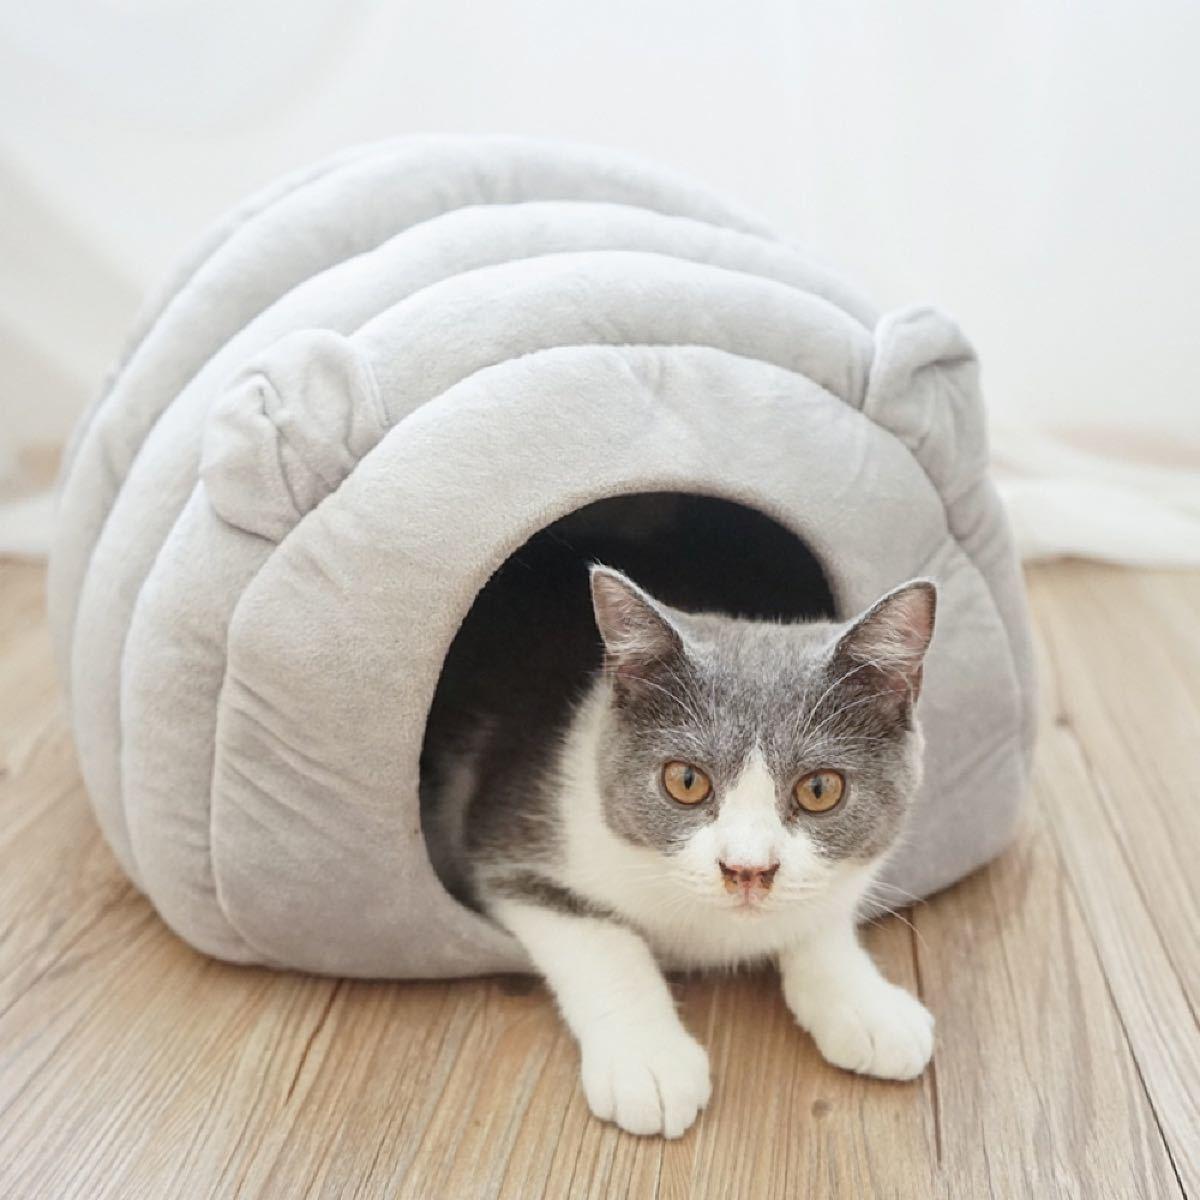 猫ハウス 冬 猫用ベッド 猫 ドーム型 ベッド 犬小屋クッション付き水洗え